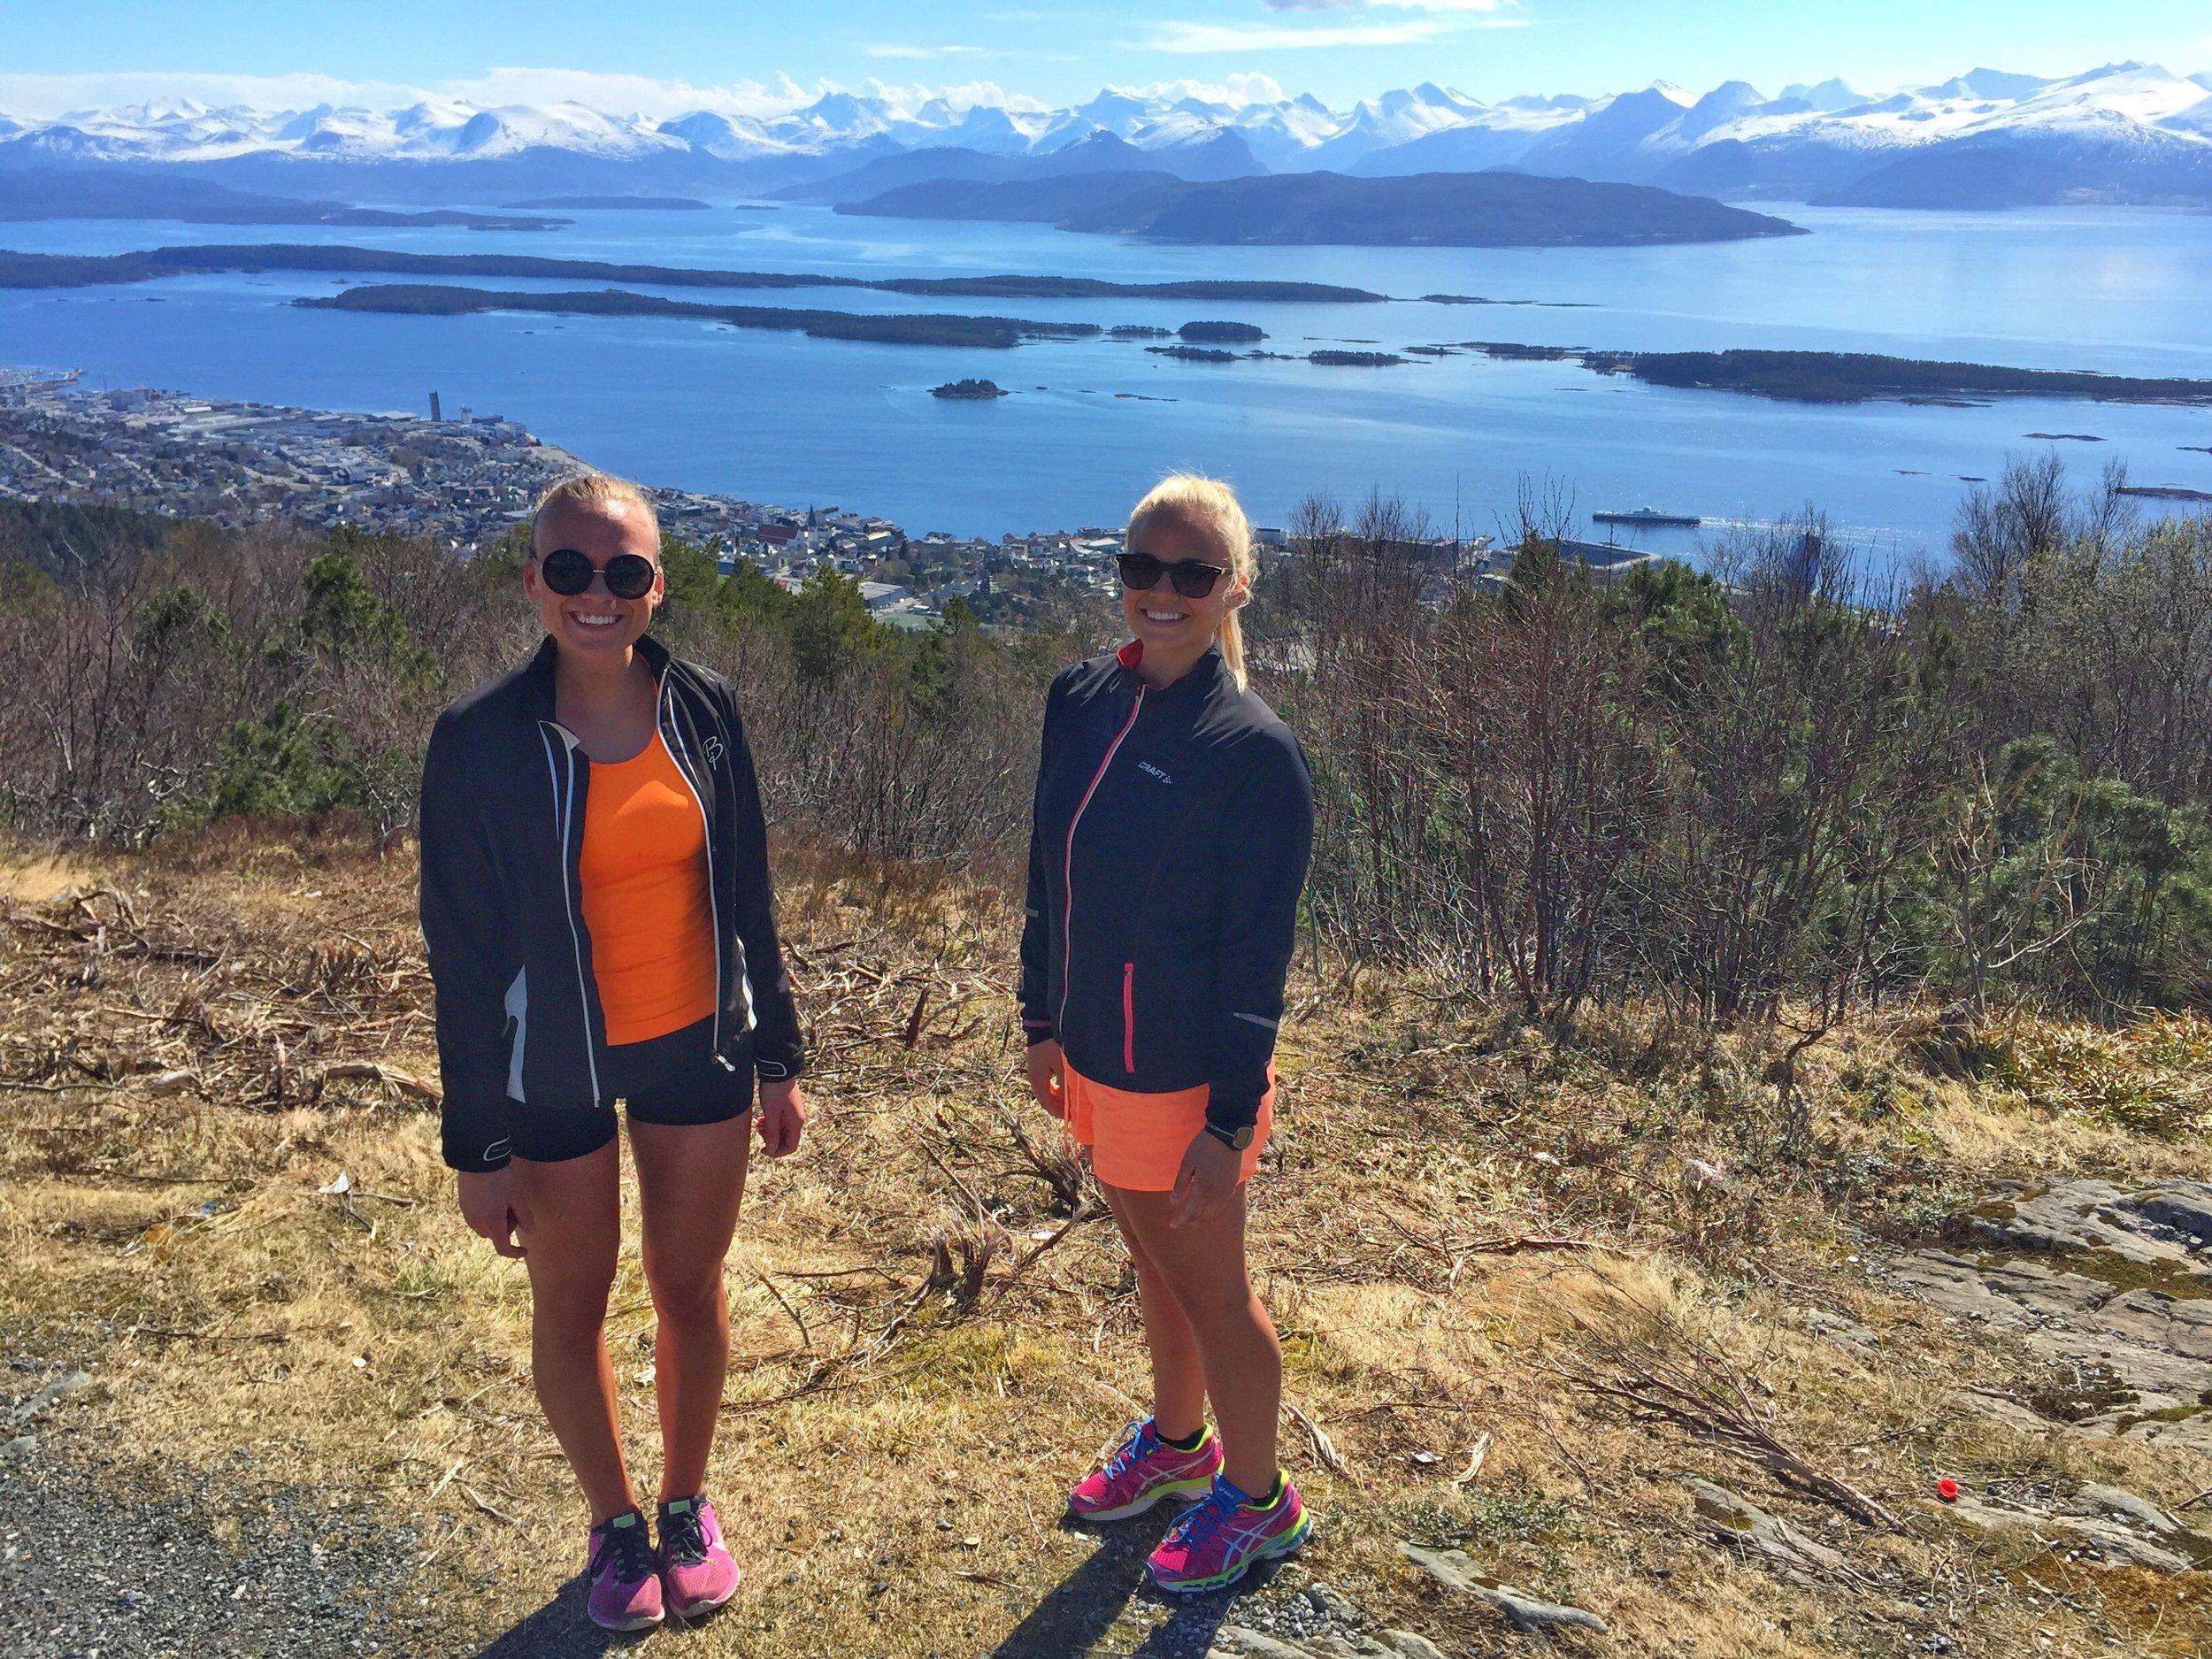 Kvinnene erobrer fjellet, heldigvis.                                                                            Foto: Odd Roar Lange